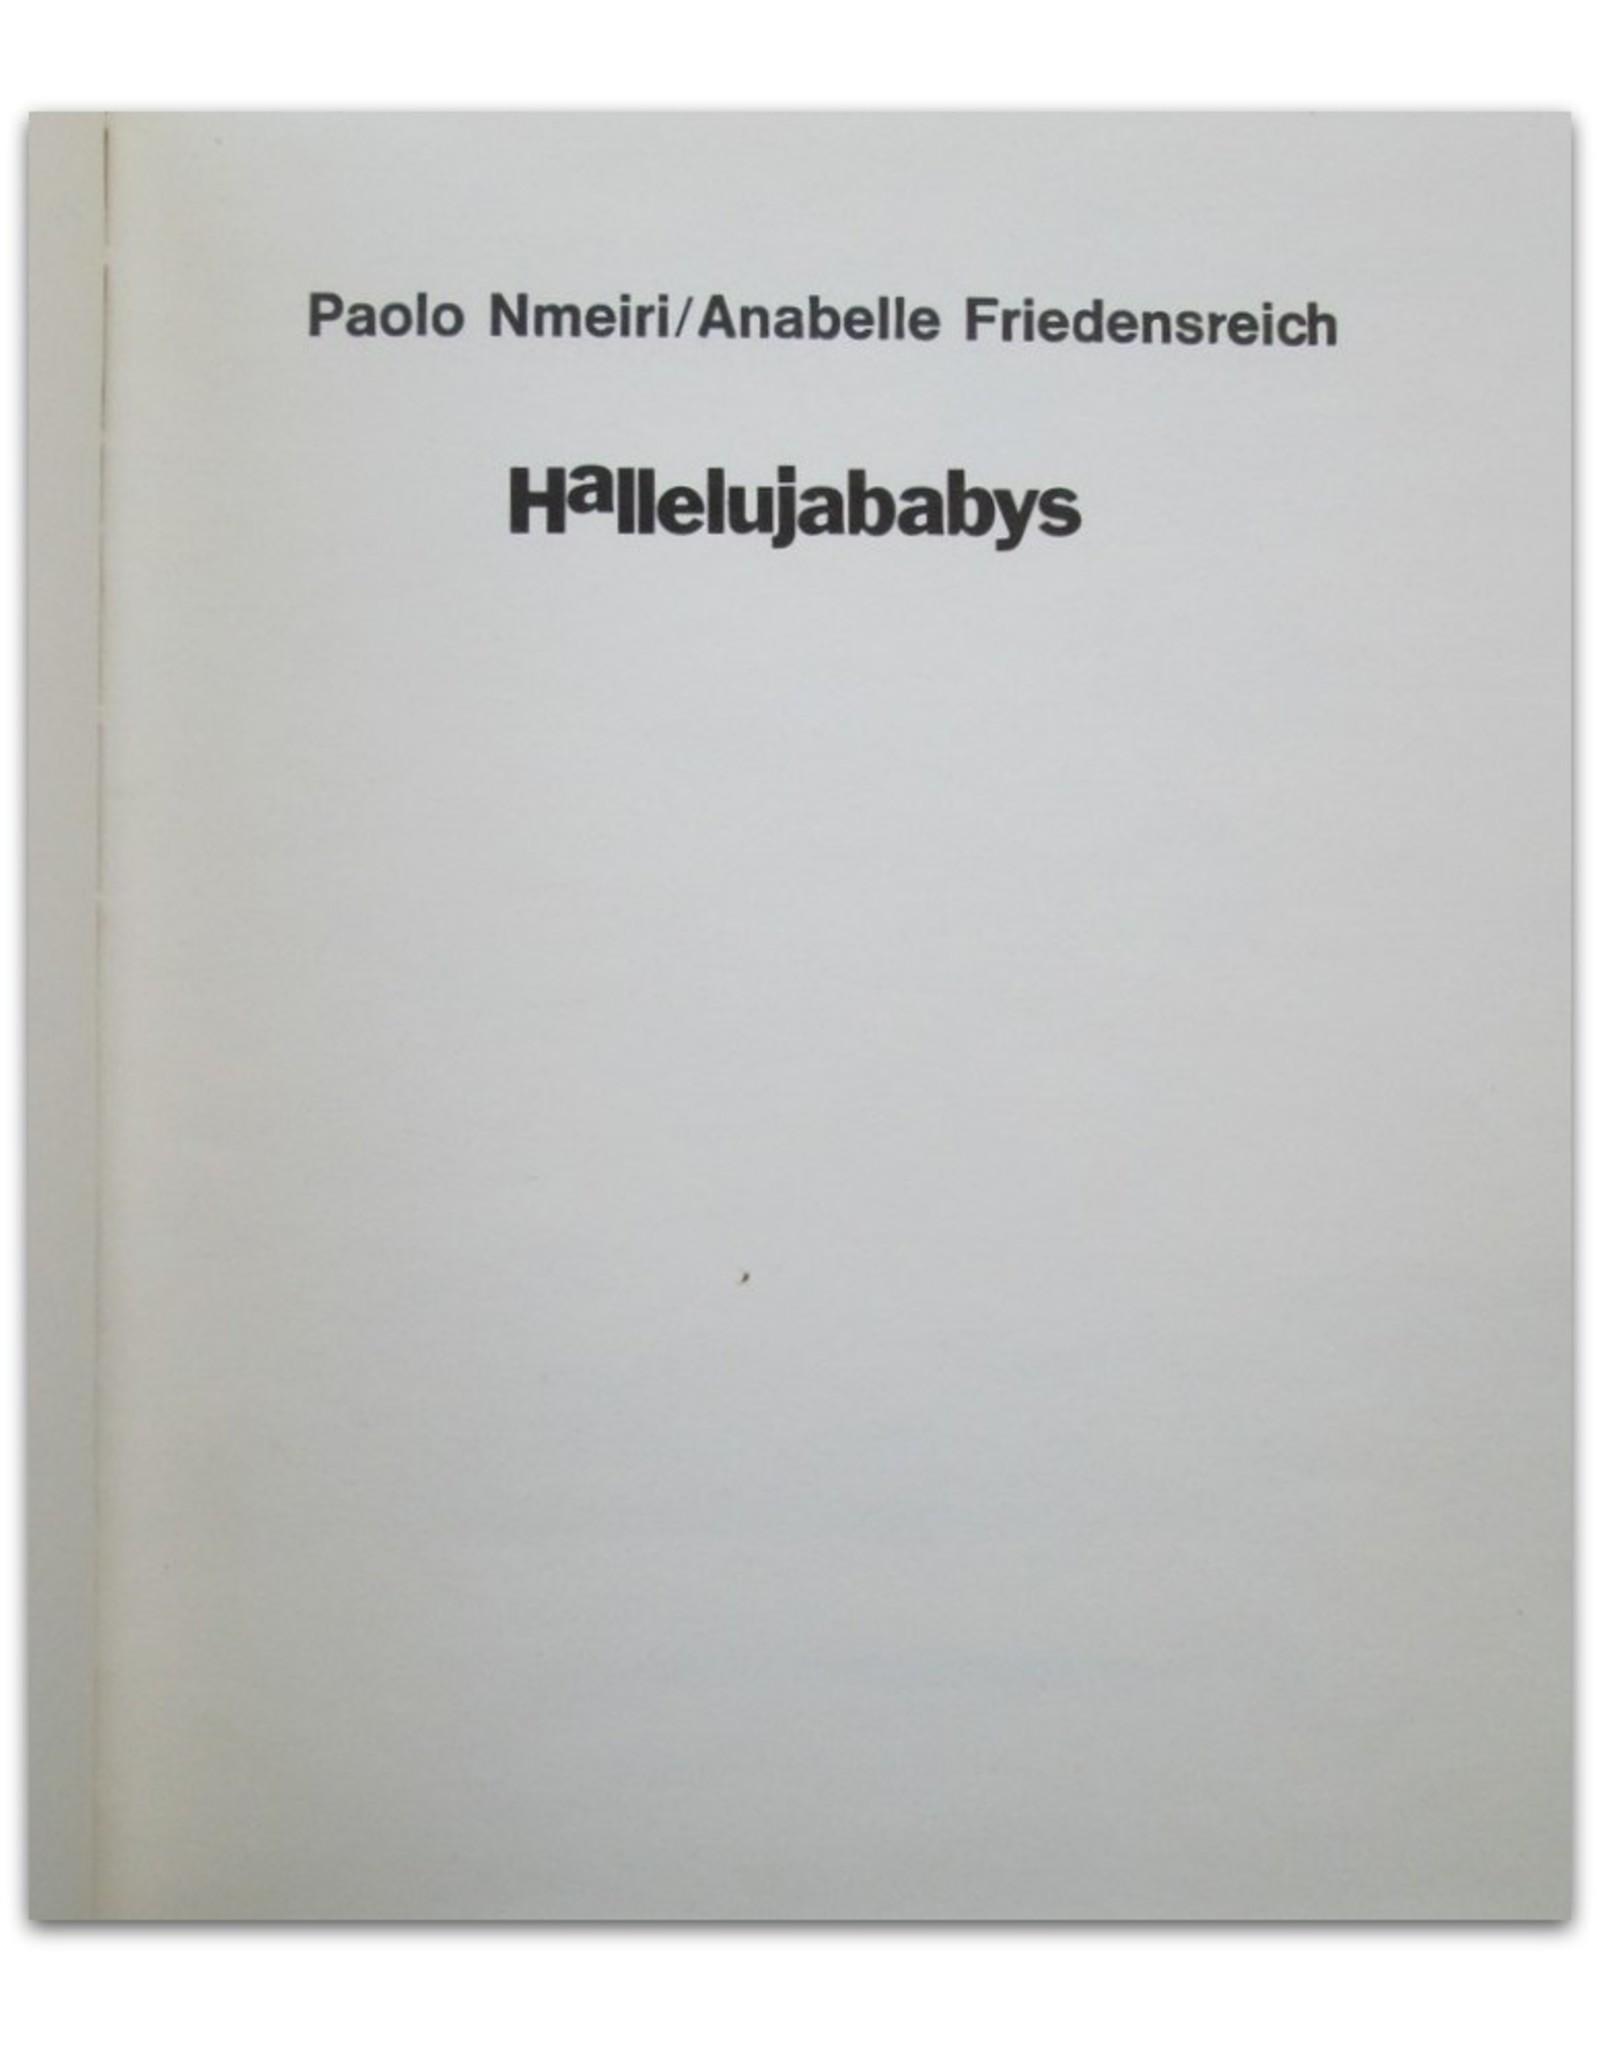 Paolo Nmeiri & Annabelle Friedensreich - Hallelujababys